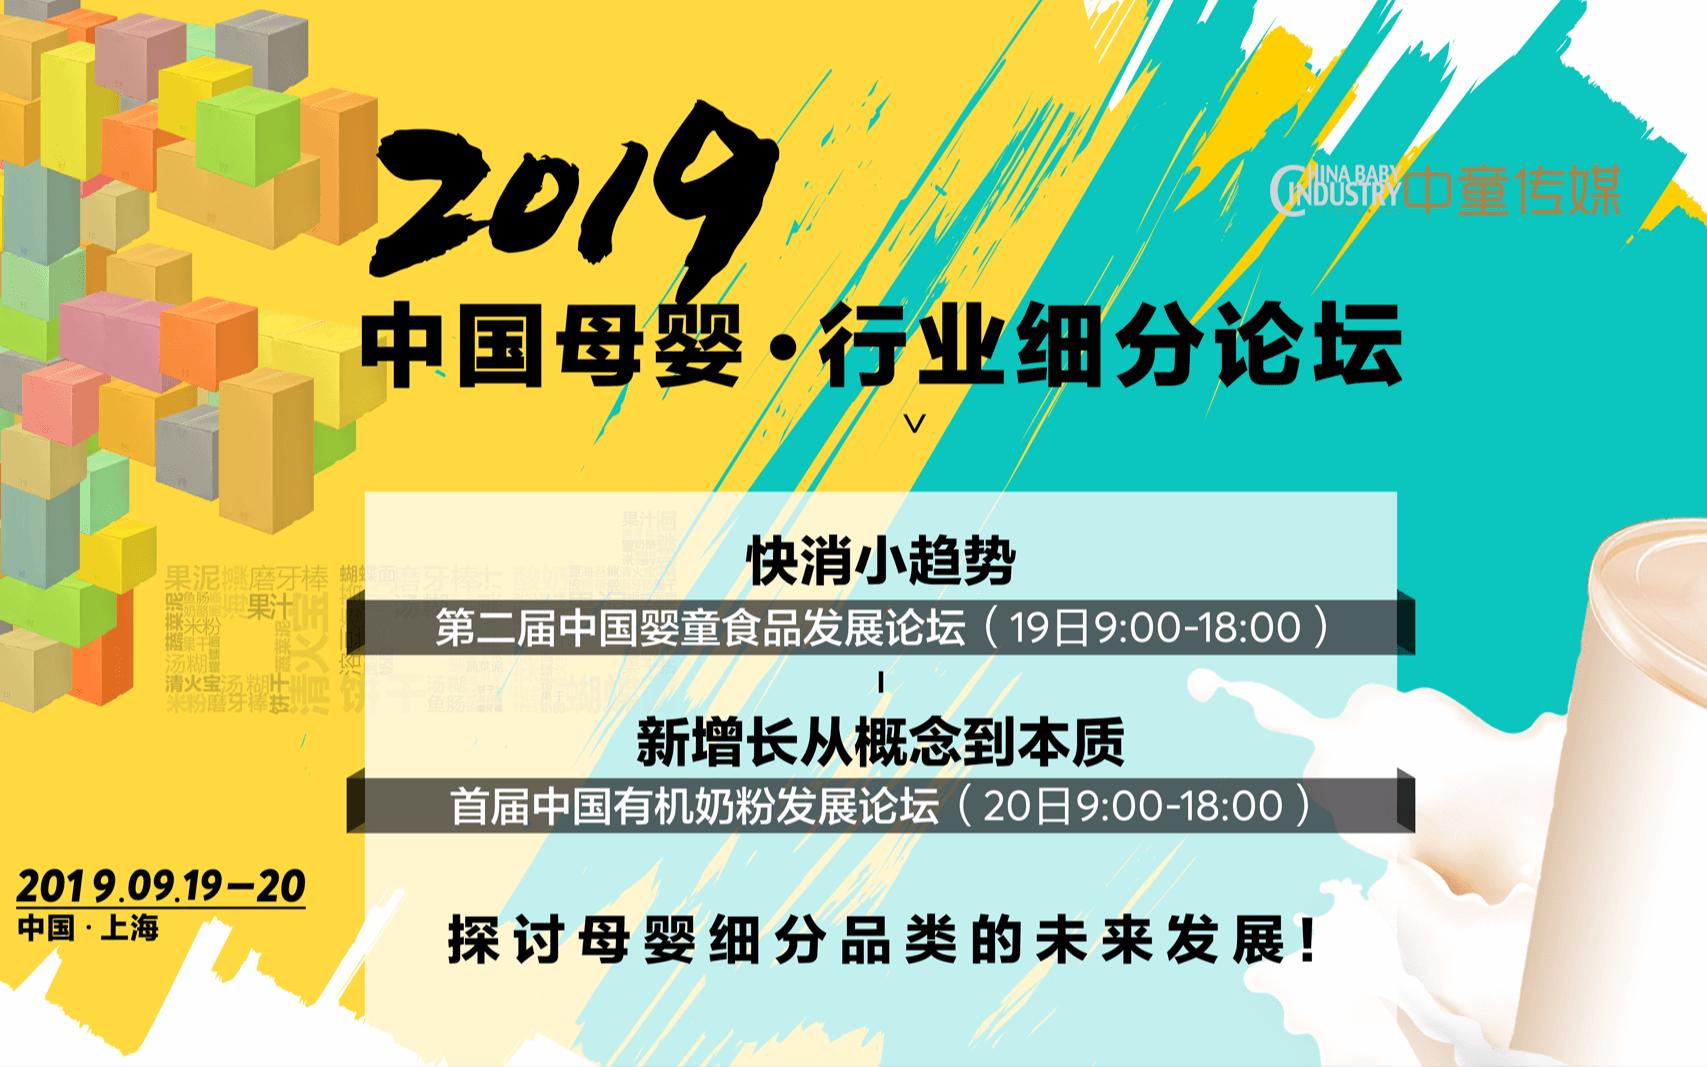 2019第二届我国婴童食物开展论坛&首届我国有机奶粉开展论坛(上海)